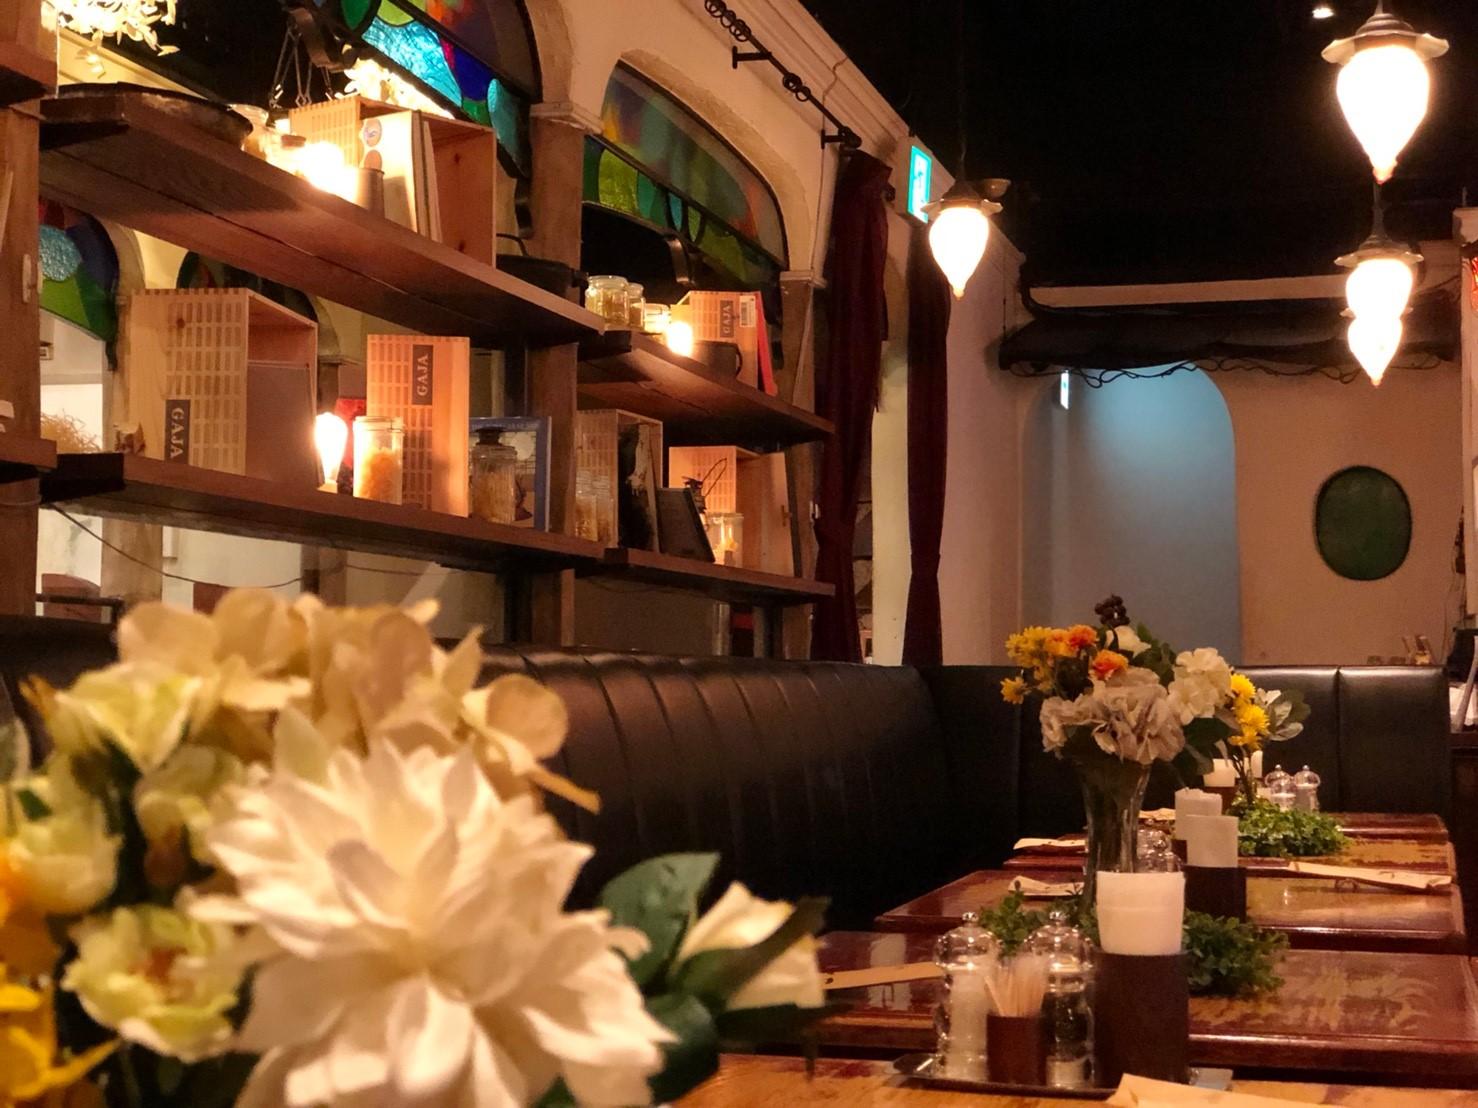 Cafe La Boheme G-Zone銀座